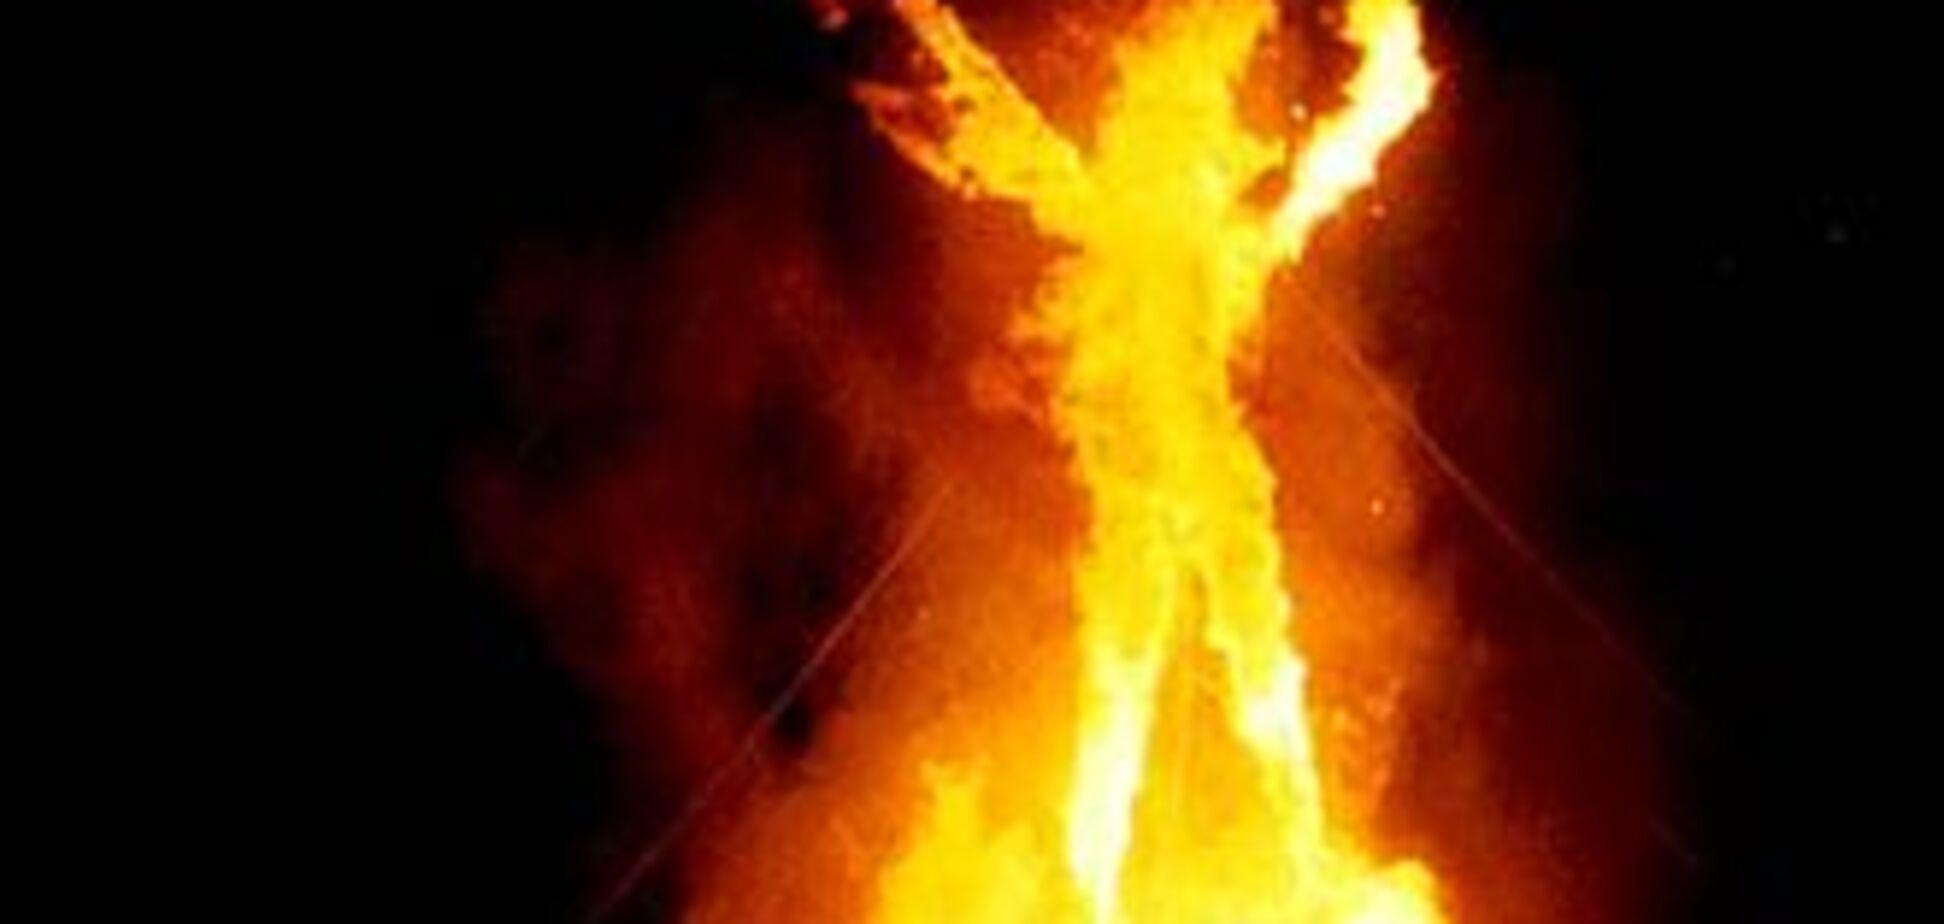 Інвалід підпалив будинок, щоб покінчити з собою